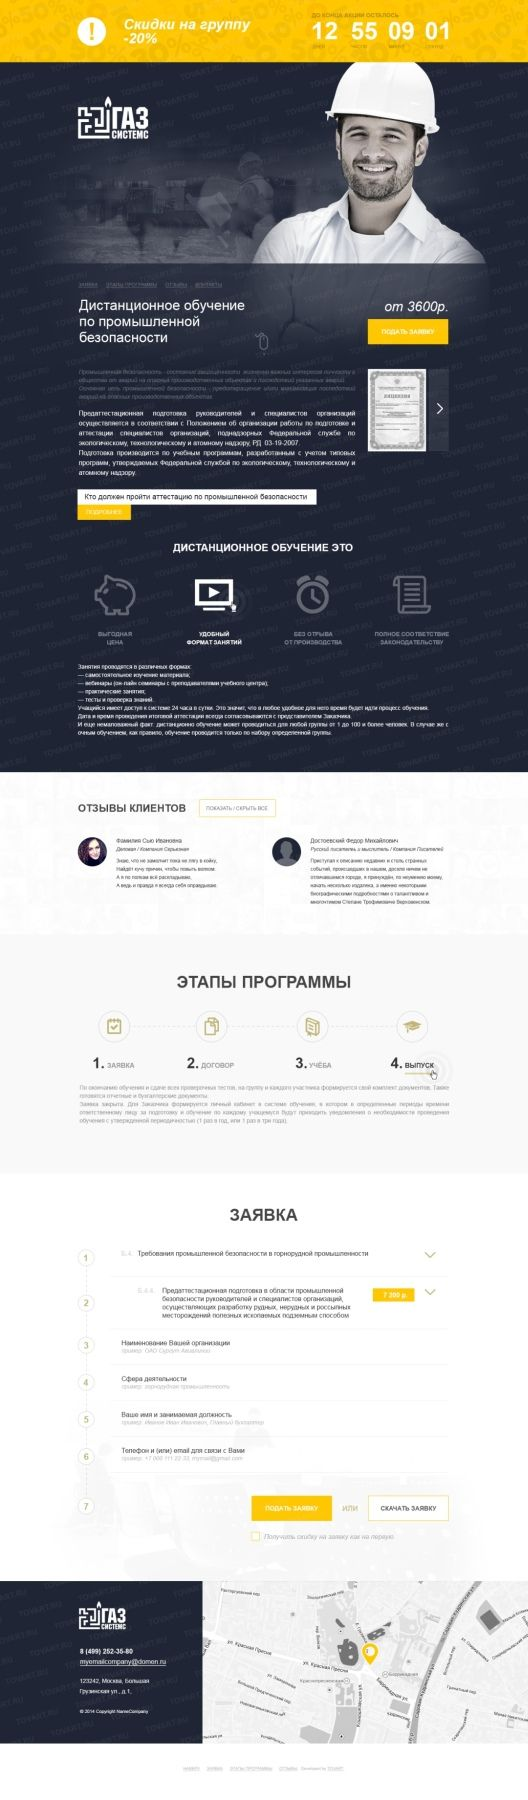 Дизайн одностраничника по программе обучения - дизайнер slavikx3m